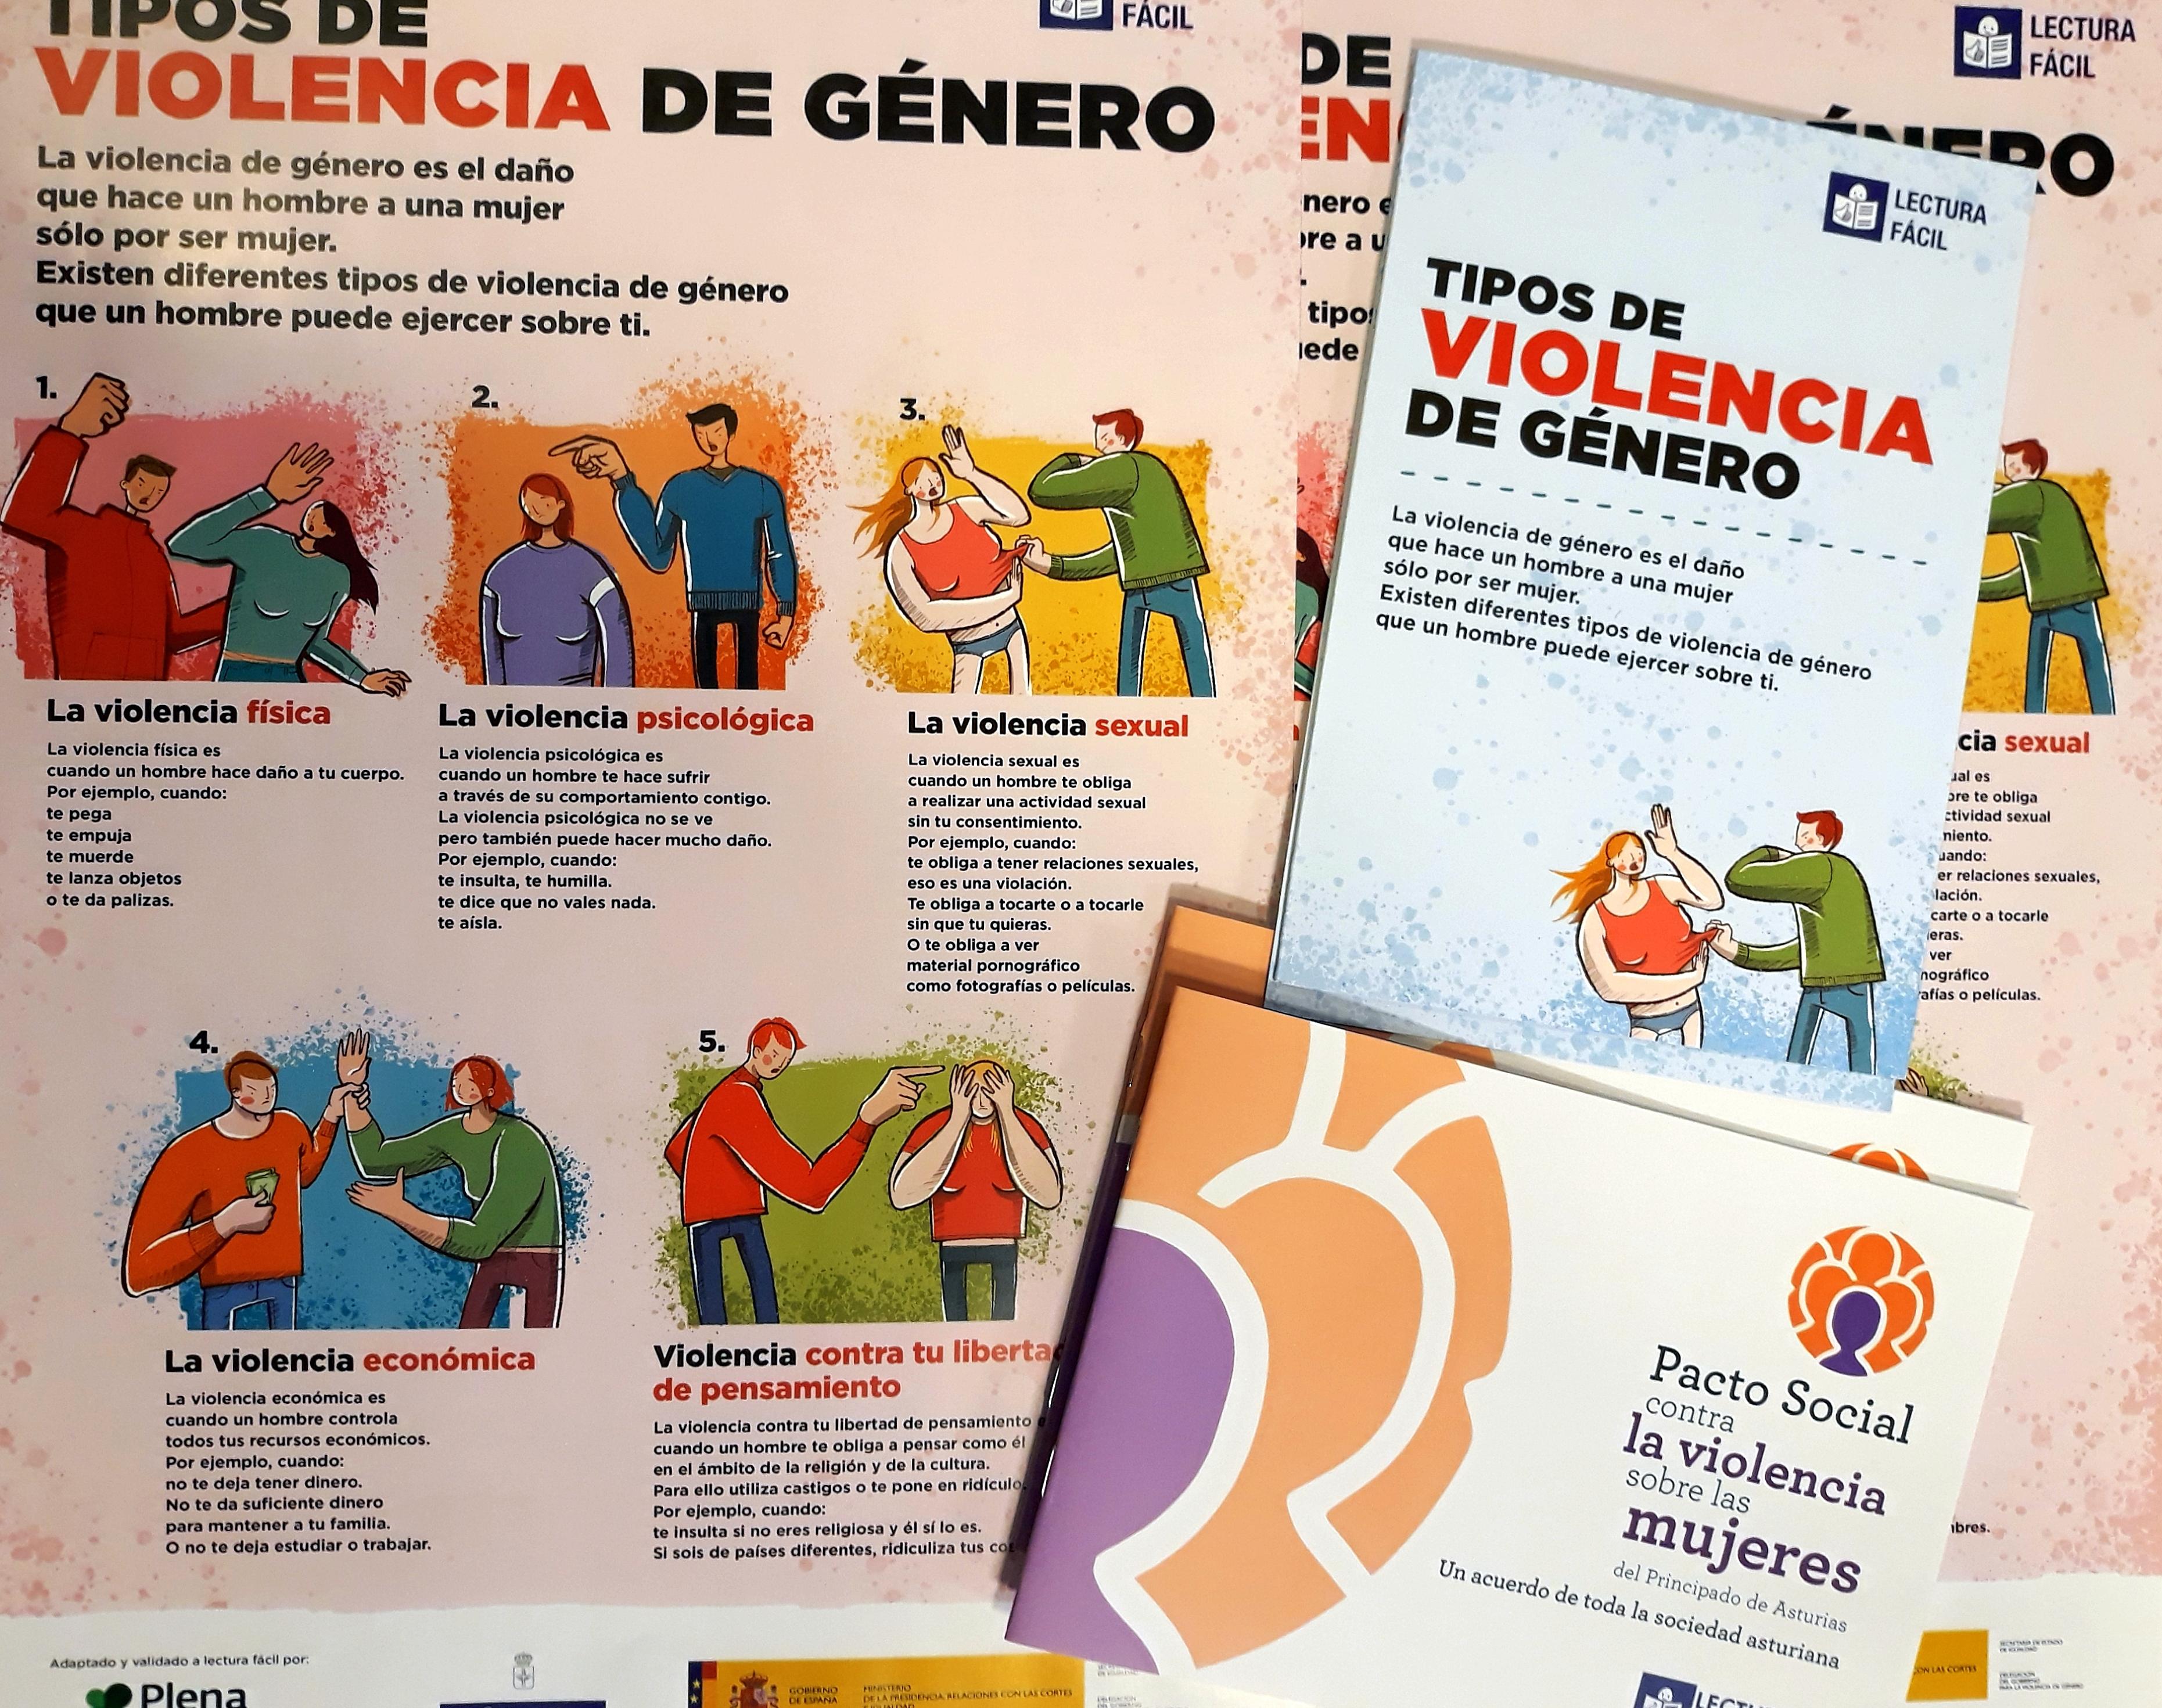 La prevención de la violencia de género ya es accesible para mujeres con dificultades de comprensión